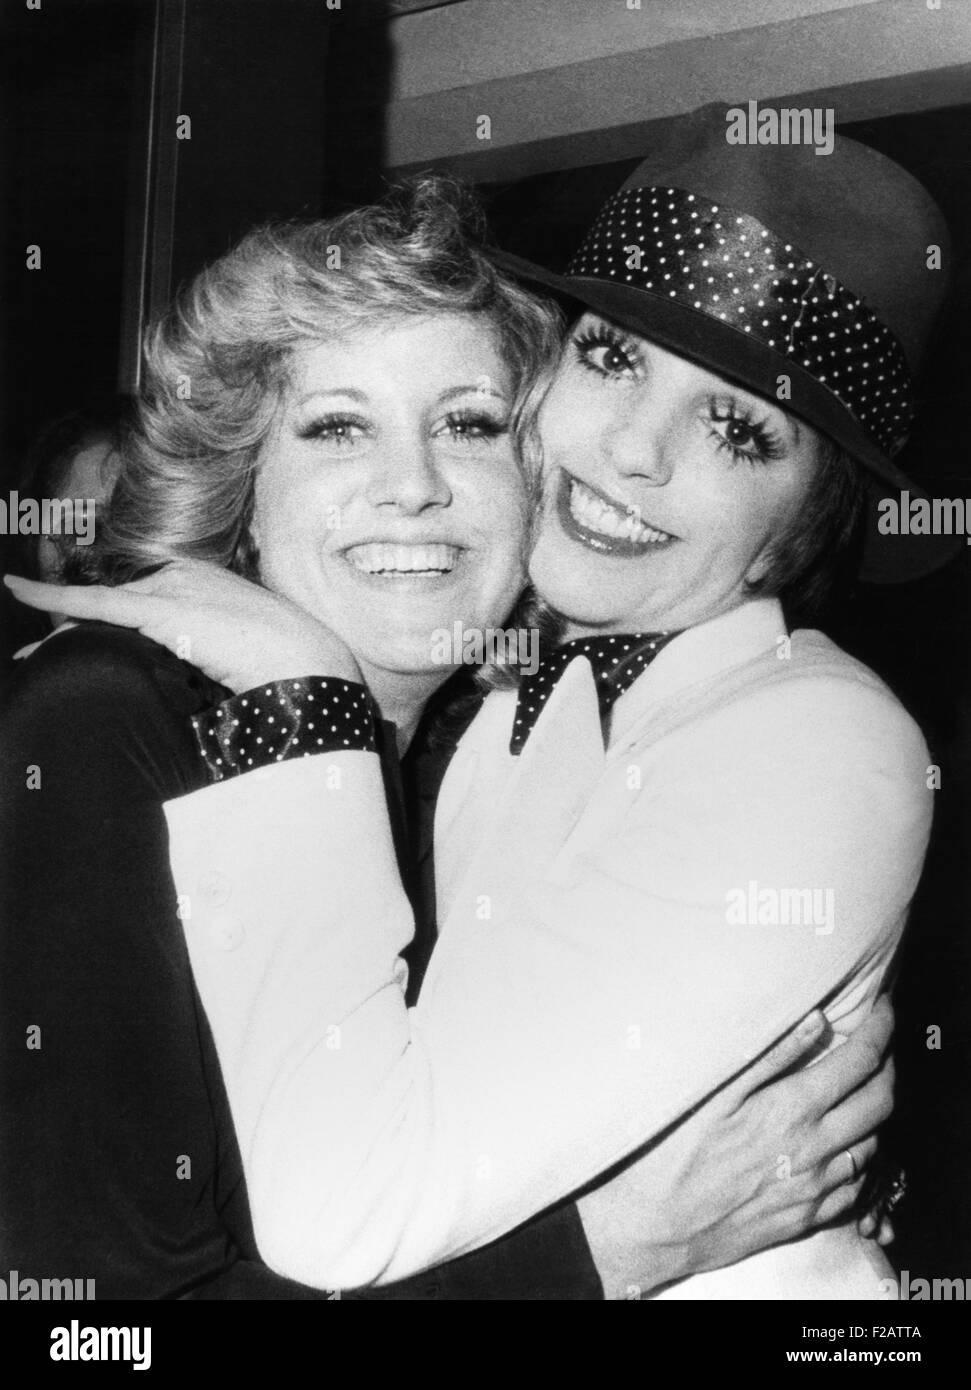 Liza Minnelli (à droite) et sa demi-sœur Lorna Luft, les deux filles de Judy Garland. Le 6 janvier 1974. Ils Photo Stock